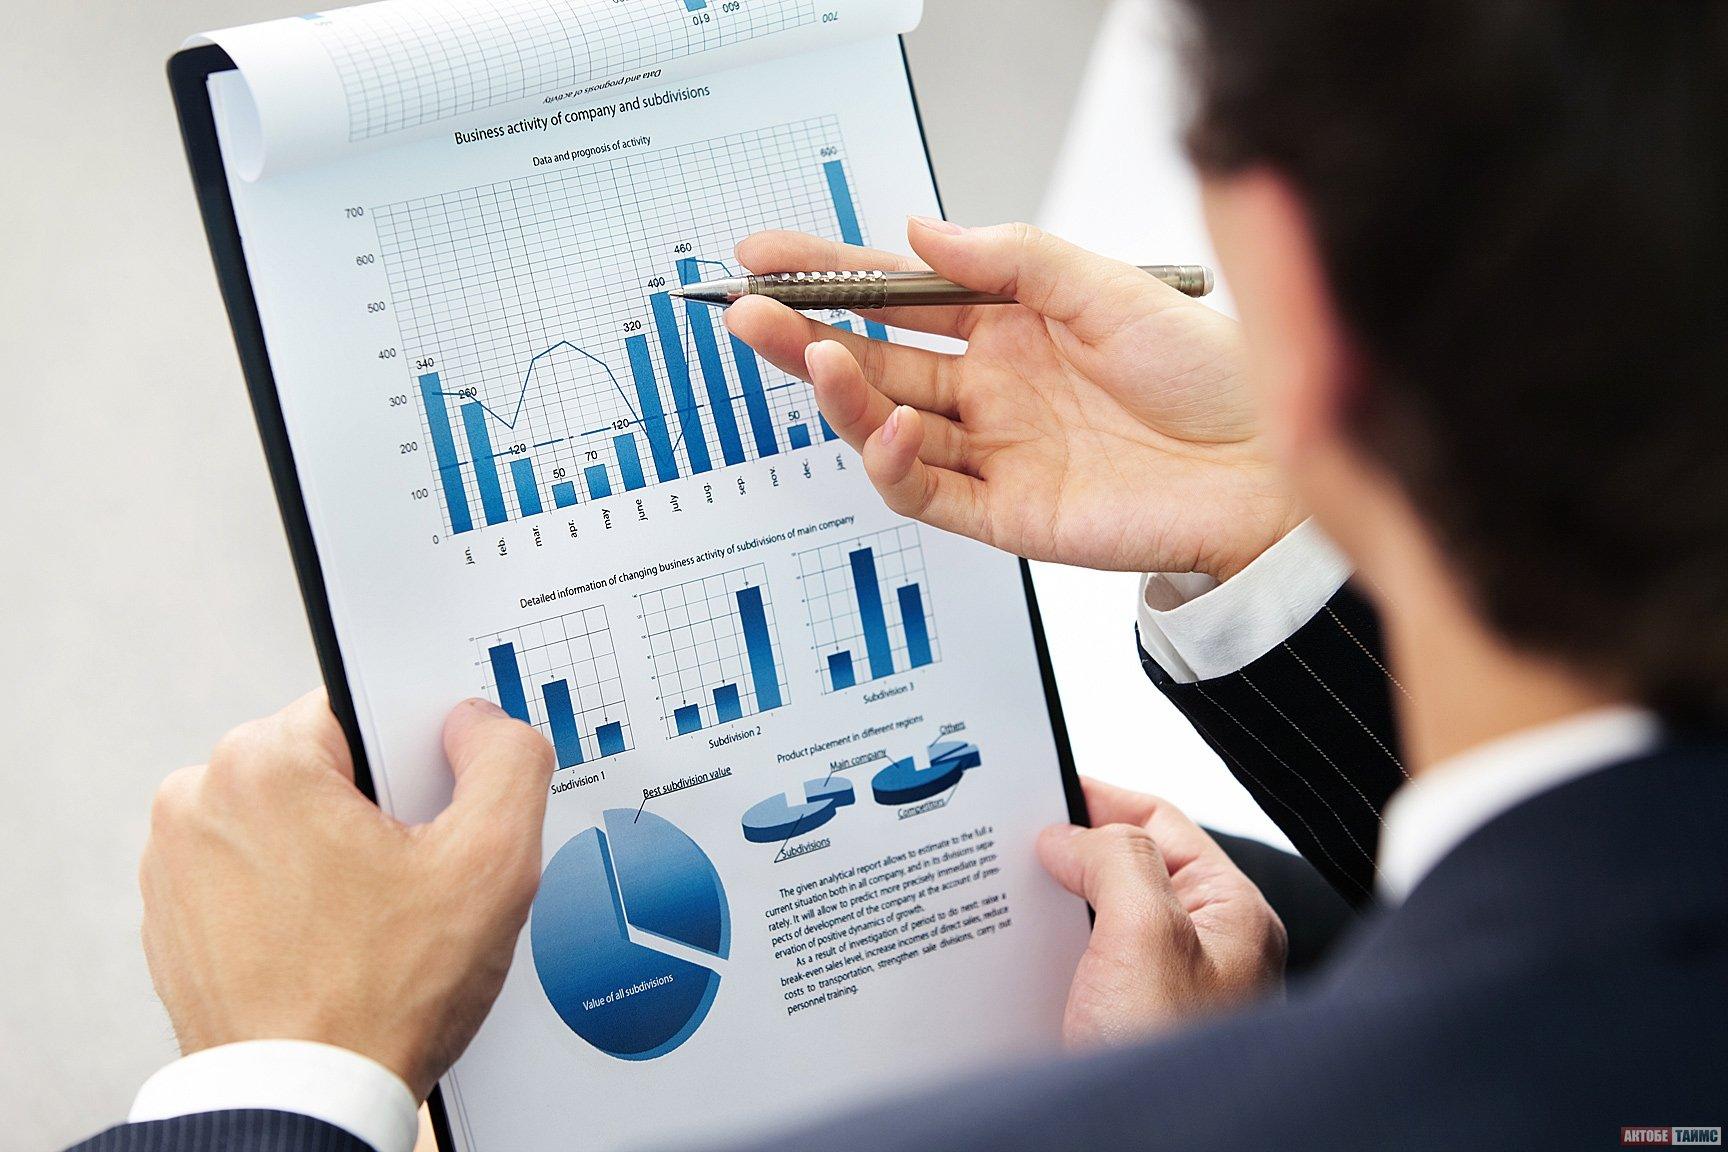 С 1 января 2019 года в Беларуси отменят указ о лжепредпринимательстве